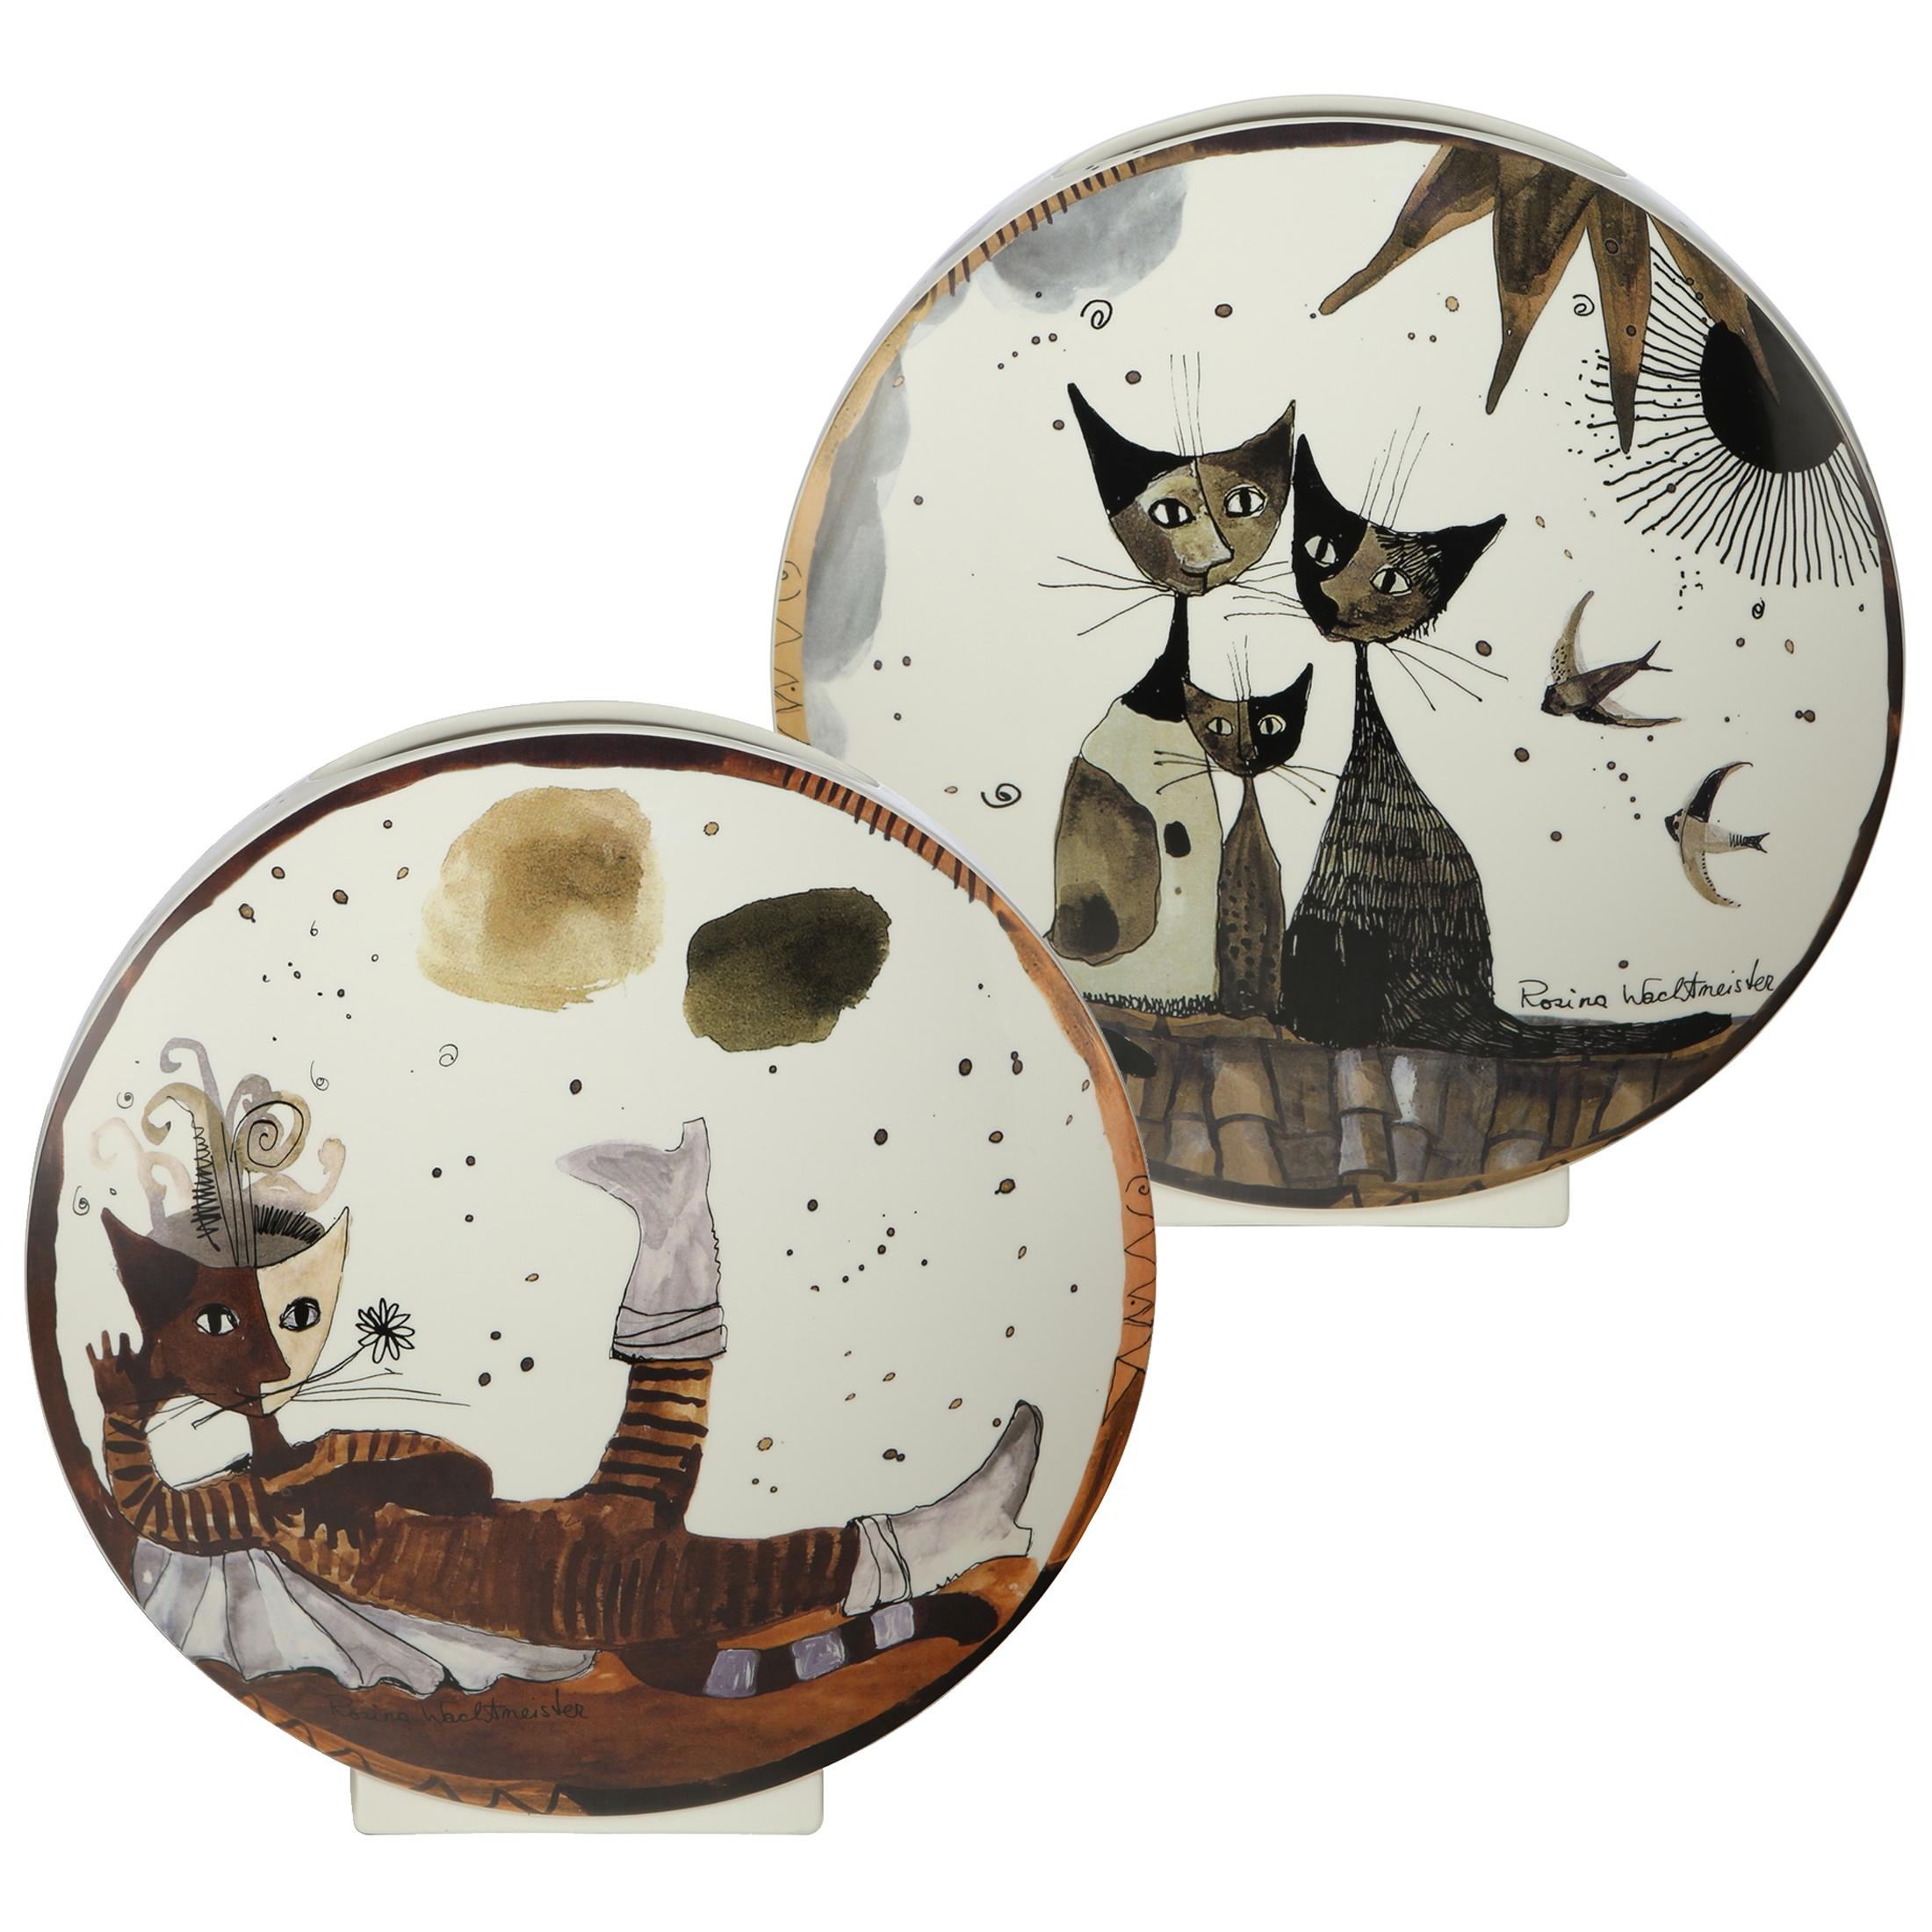 Goebel Rosina Wachtmeister Arte Grafica 'Vase Gatto con stivali' 2021